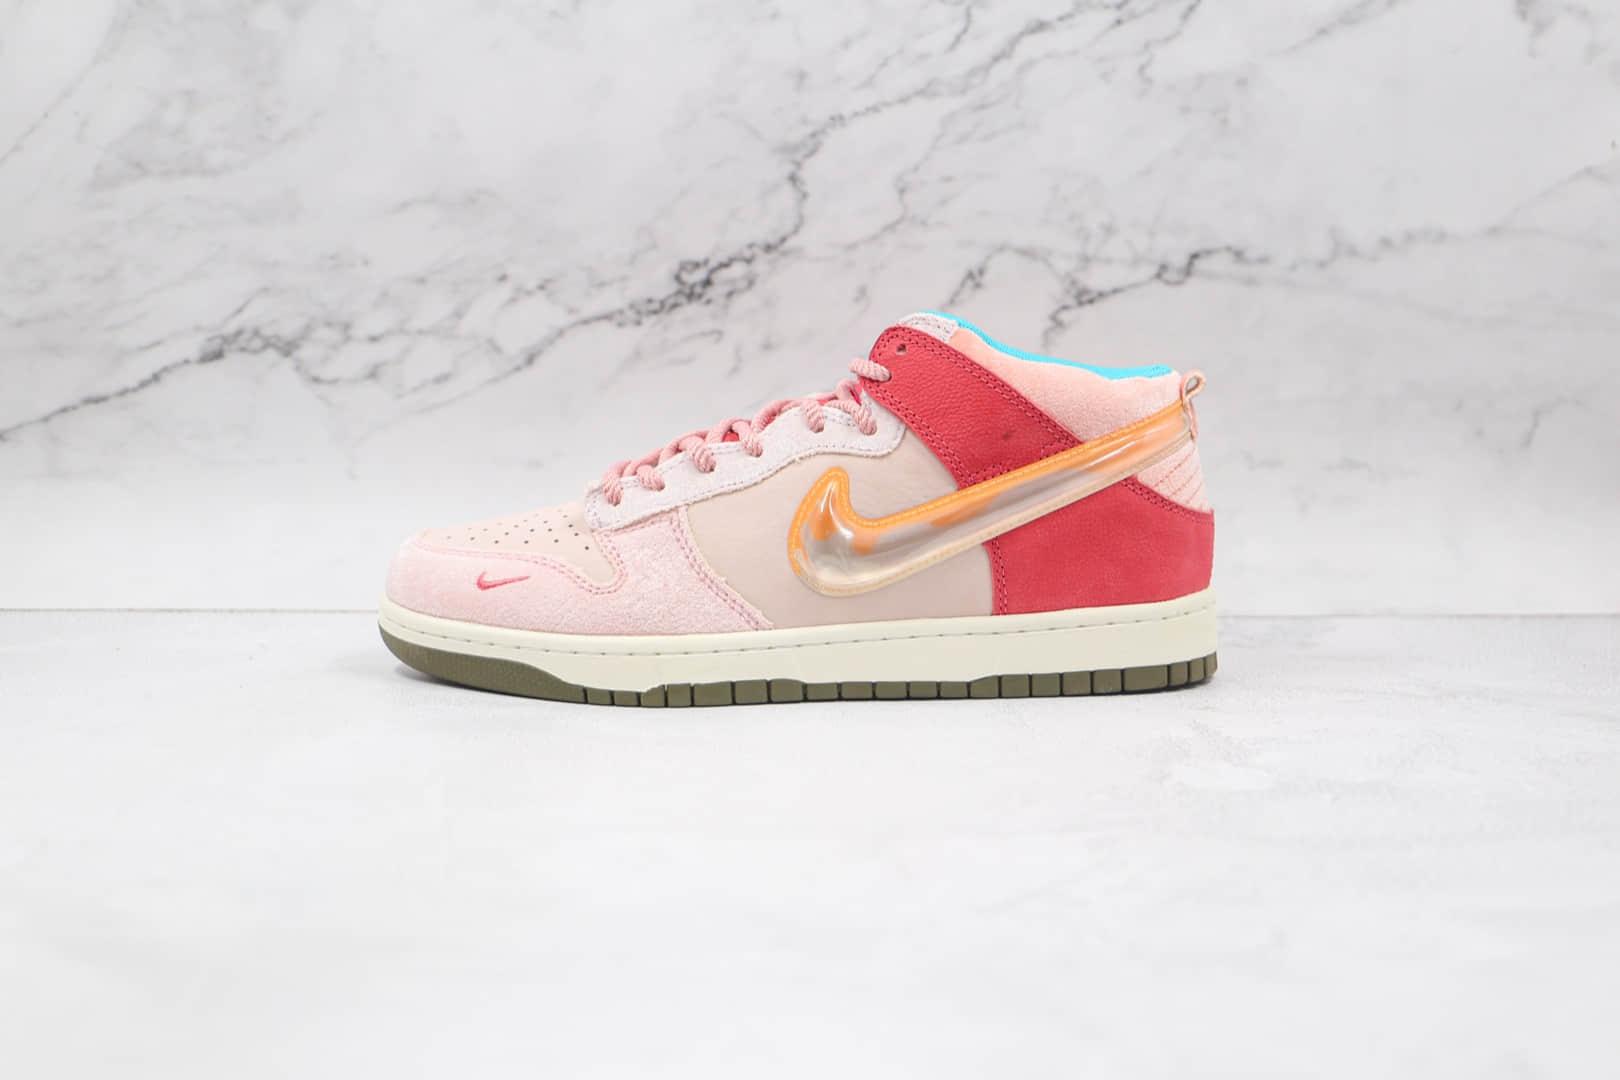 耐克Nike Dunk Low x Social Status联名款纯原版本低帮DUNK高帮粉色拼接板鞋原盒原标 货号:DJ1173-600